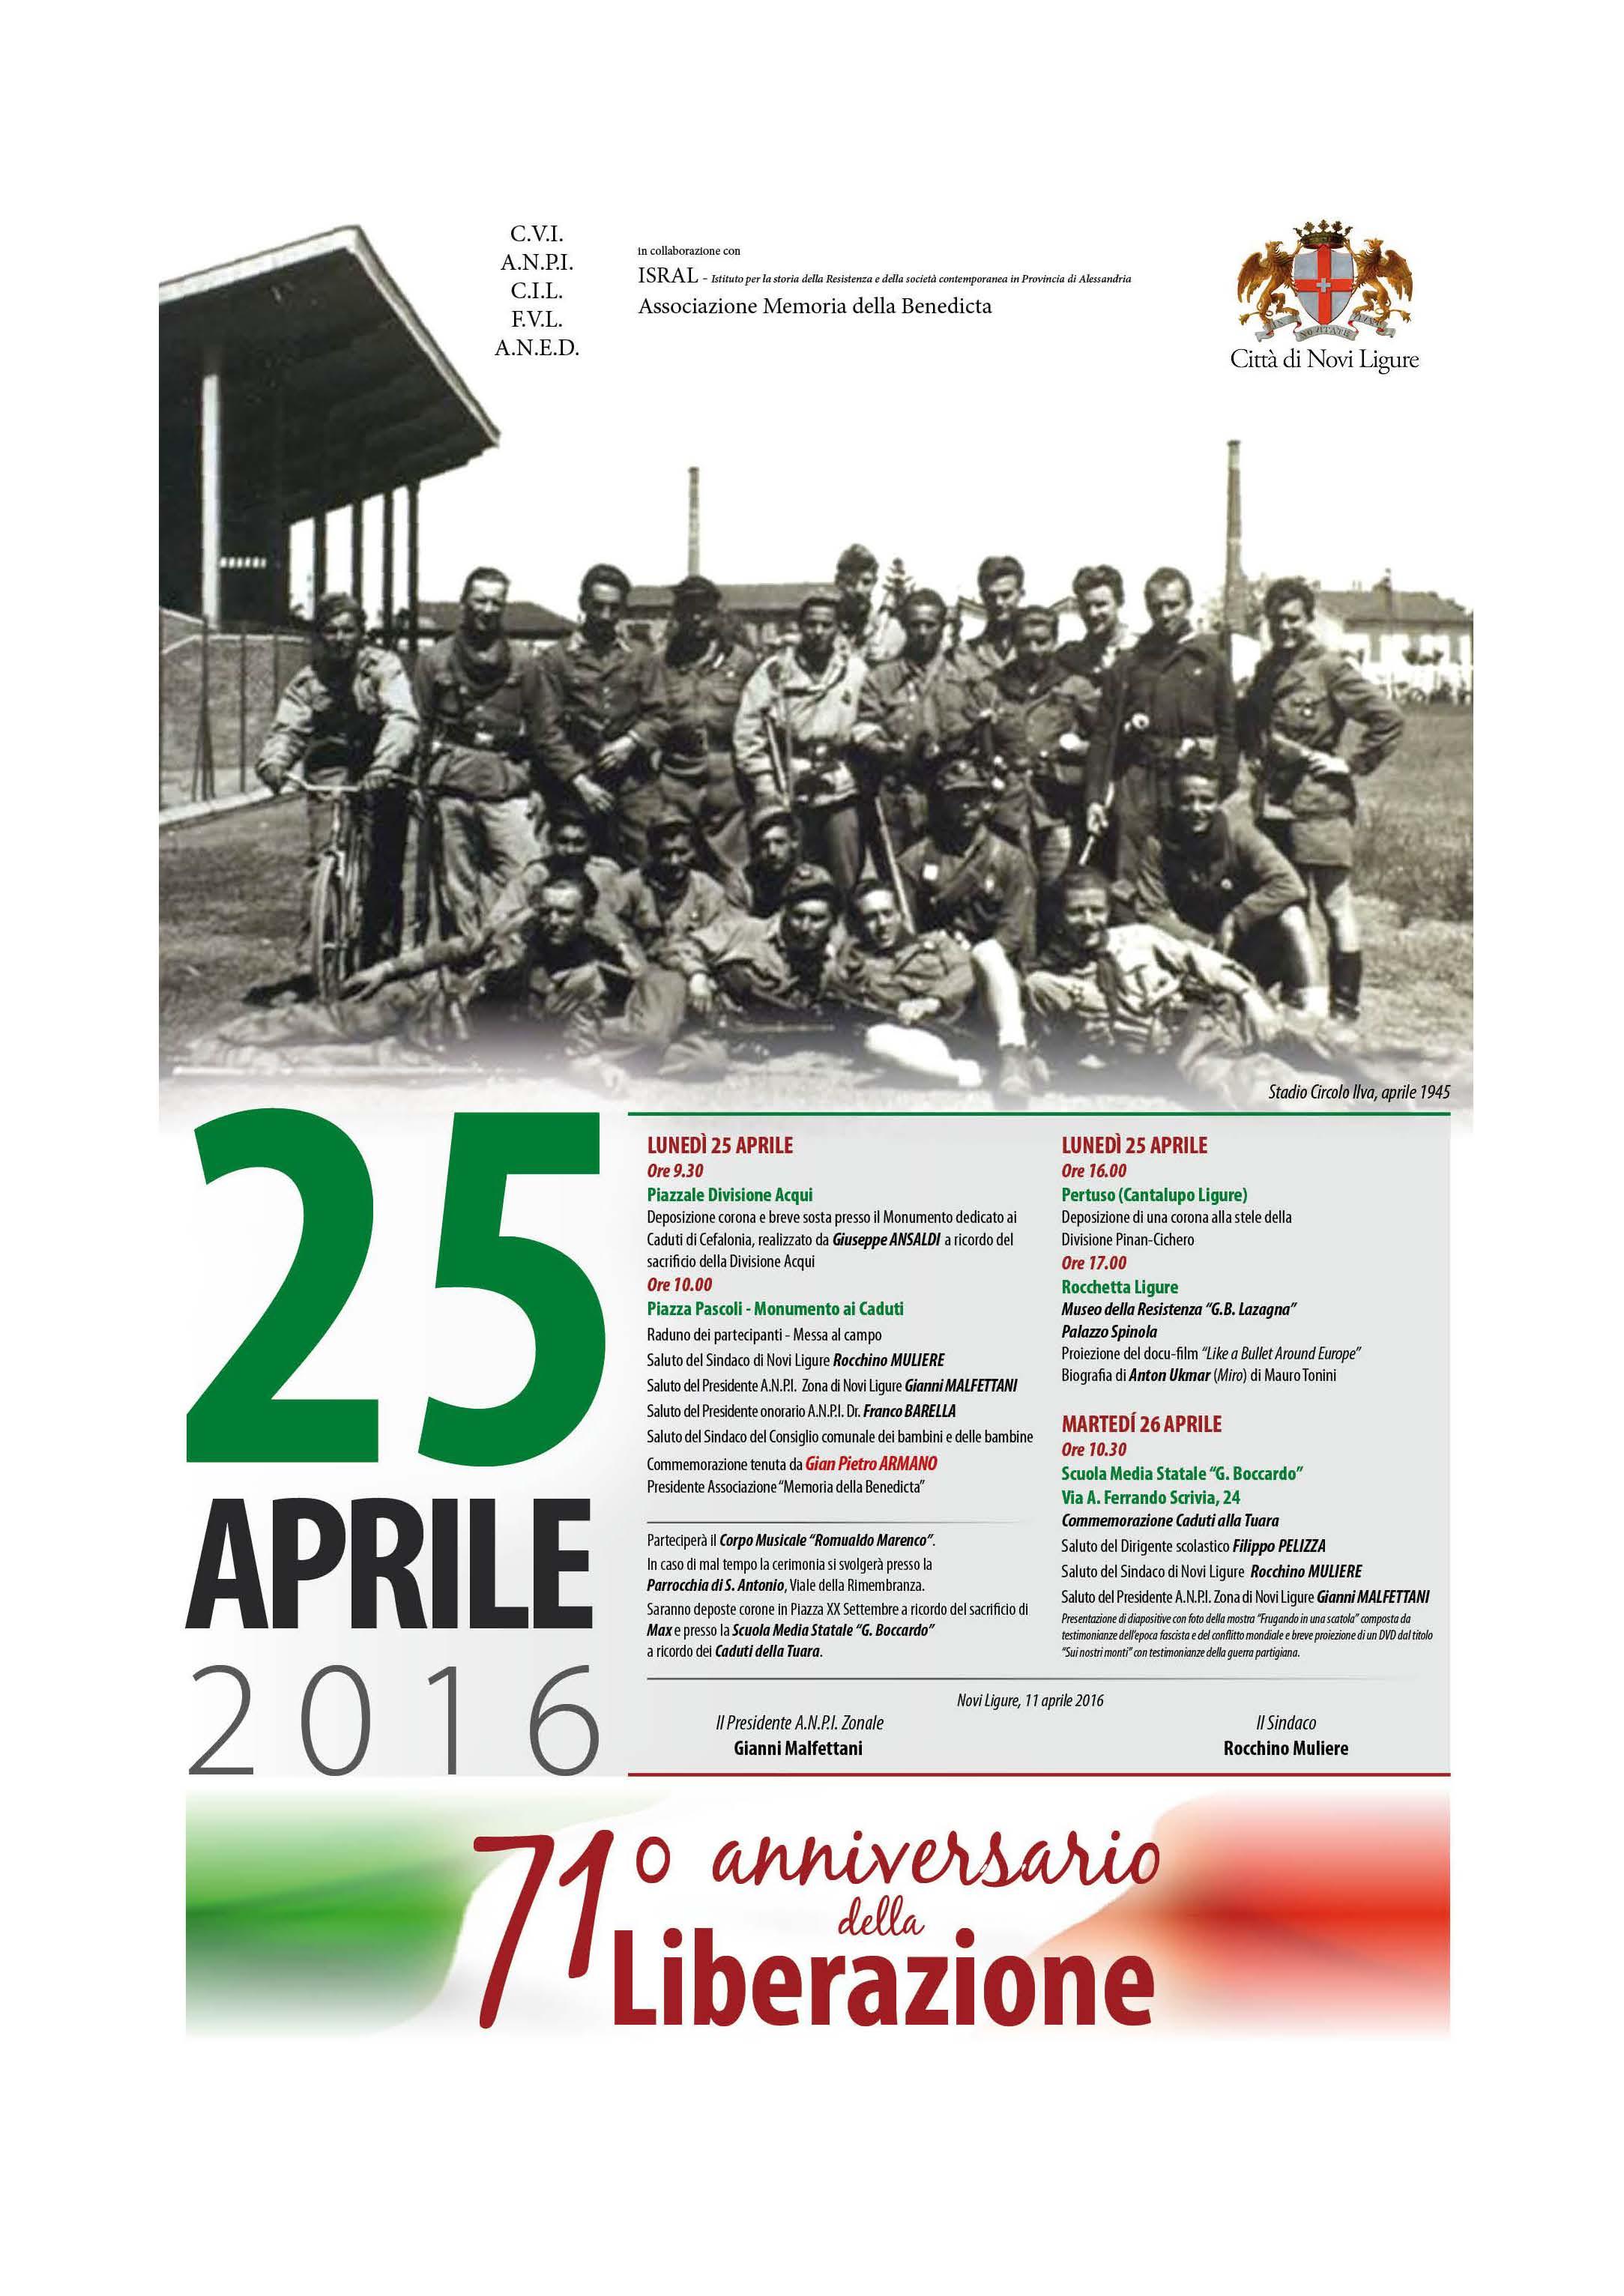 il 25 aprile a Novi Ligure con A.N.P.I. e Comune